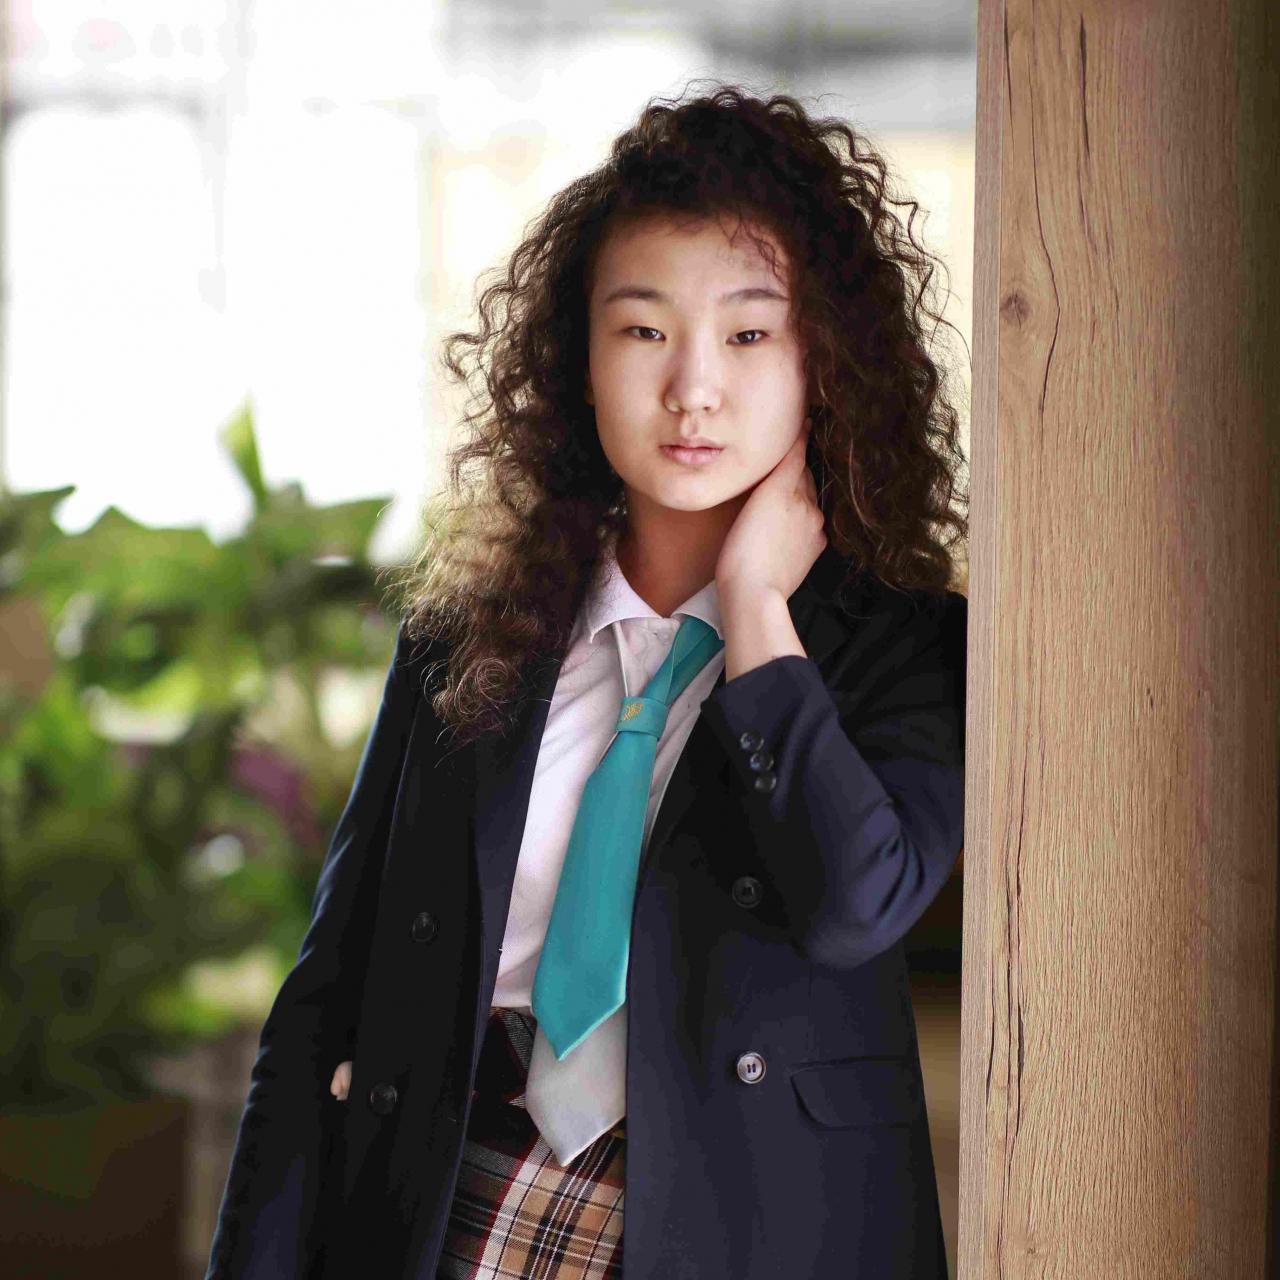 Ученица Haileybury Astana заняла второе место в соревновании по бальным танцам